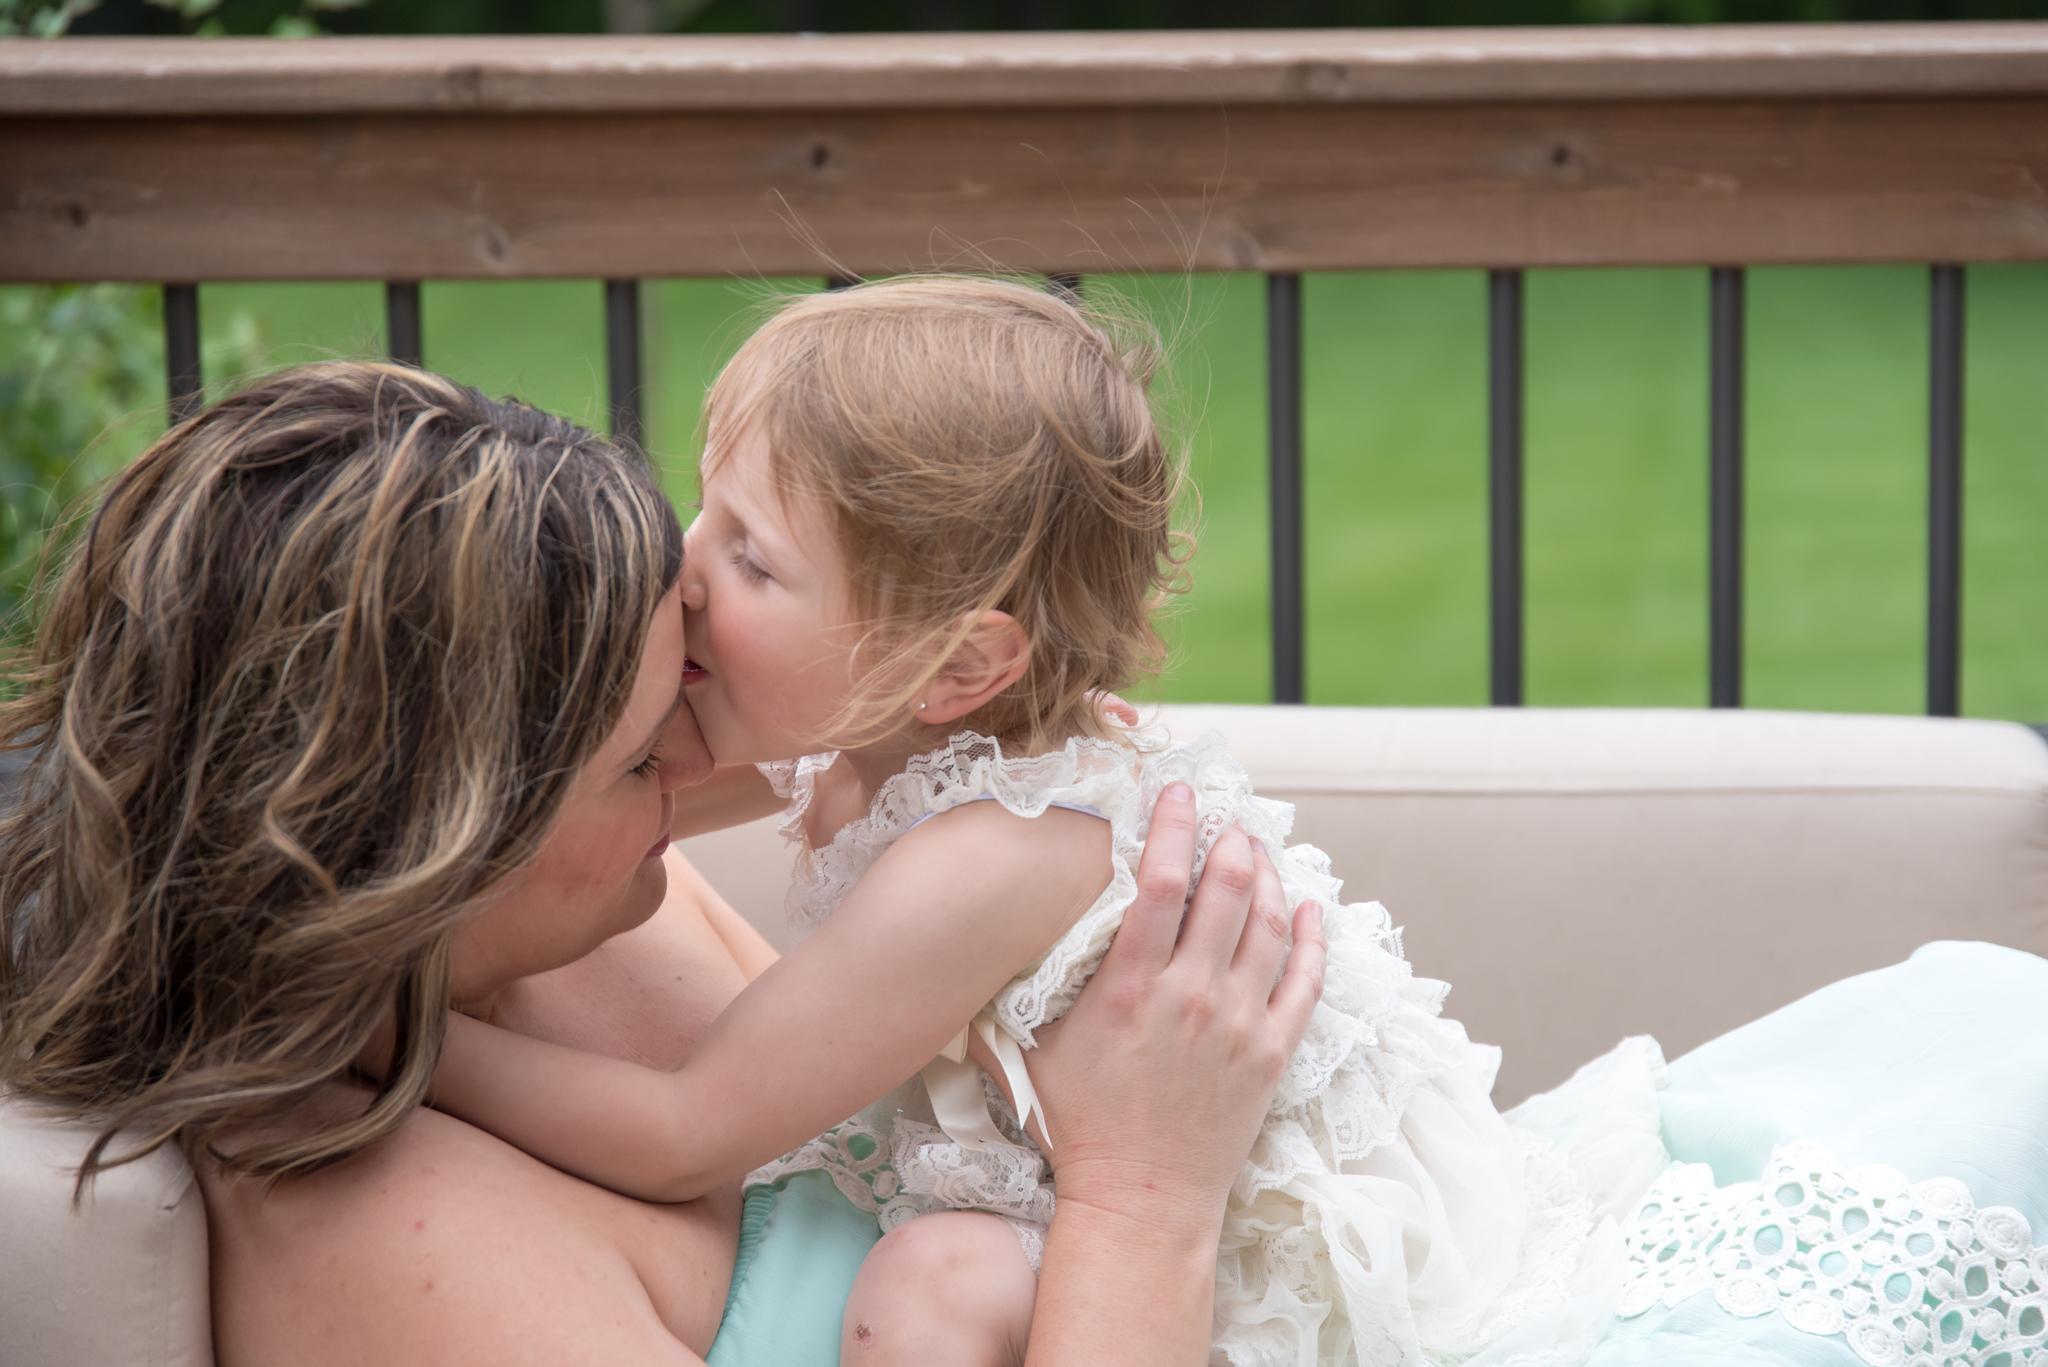 Girl kisses mom's forehead